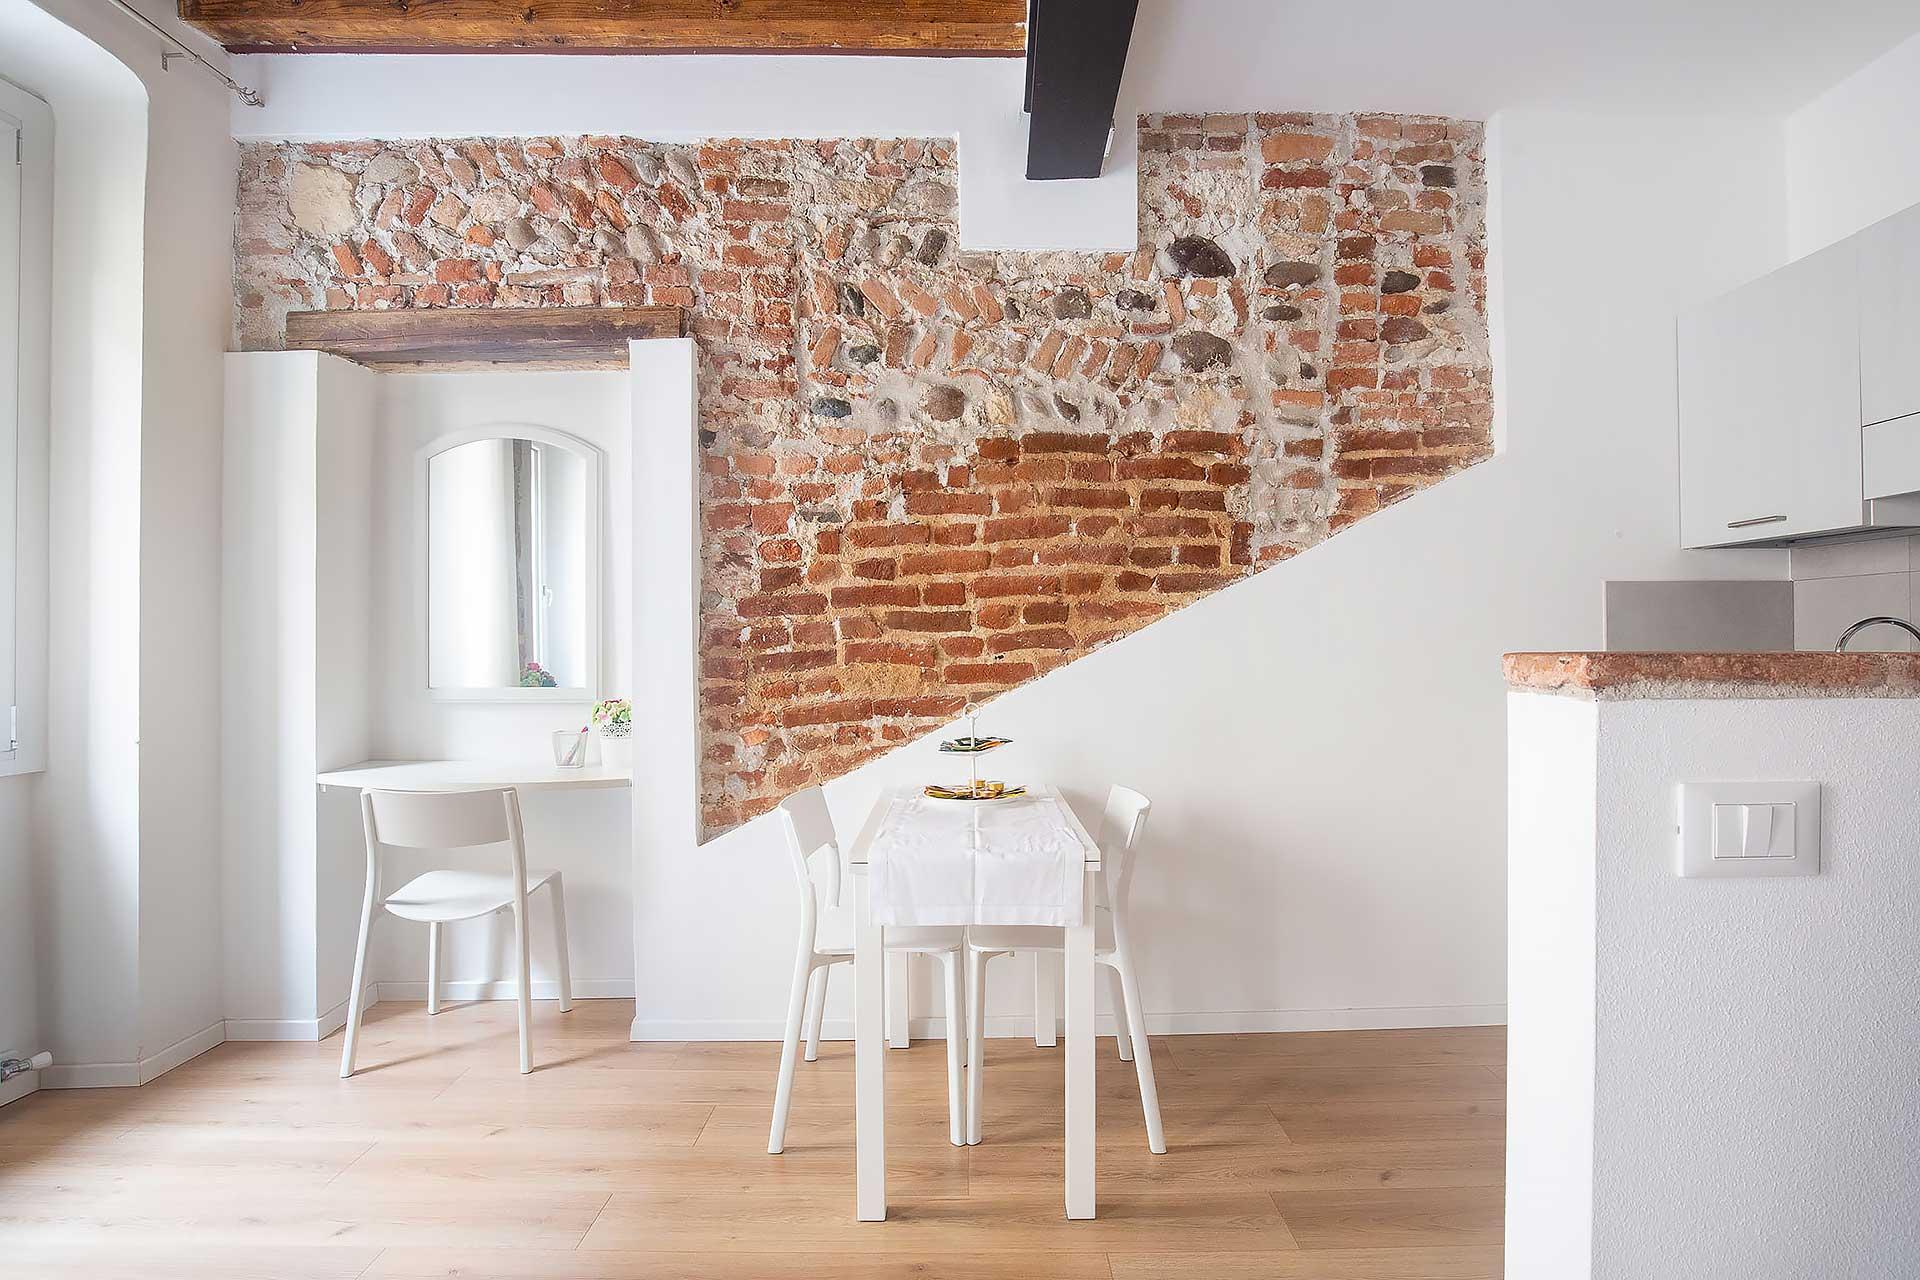 fotografo-immobiliare-Treviso